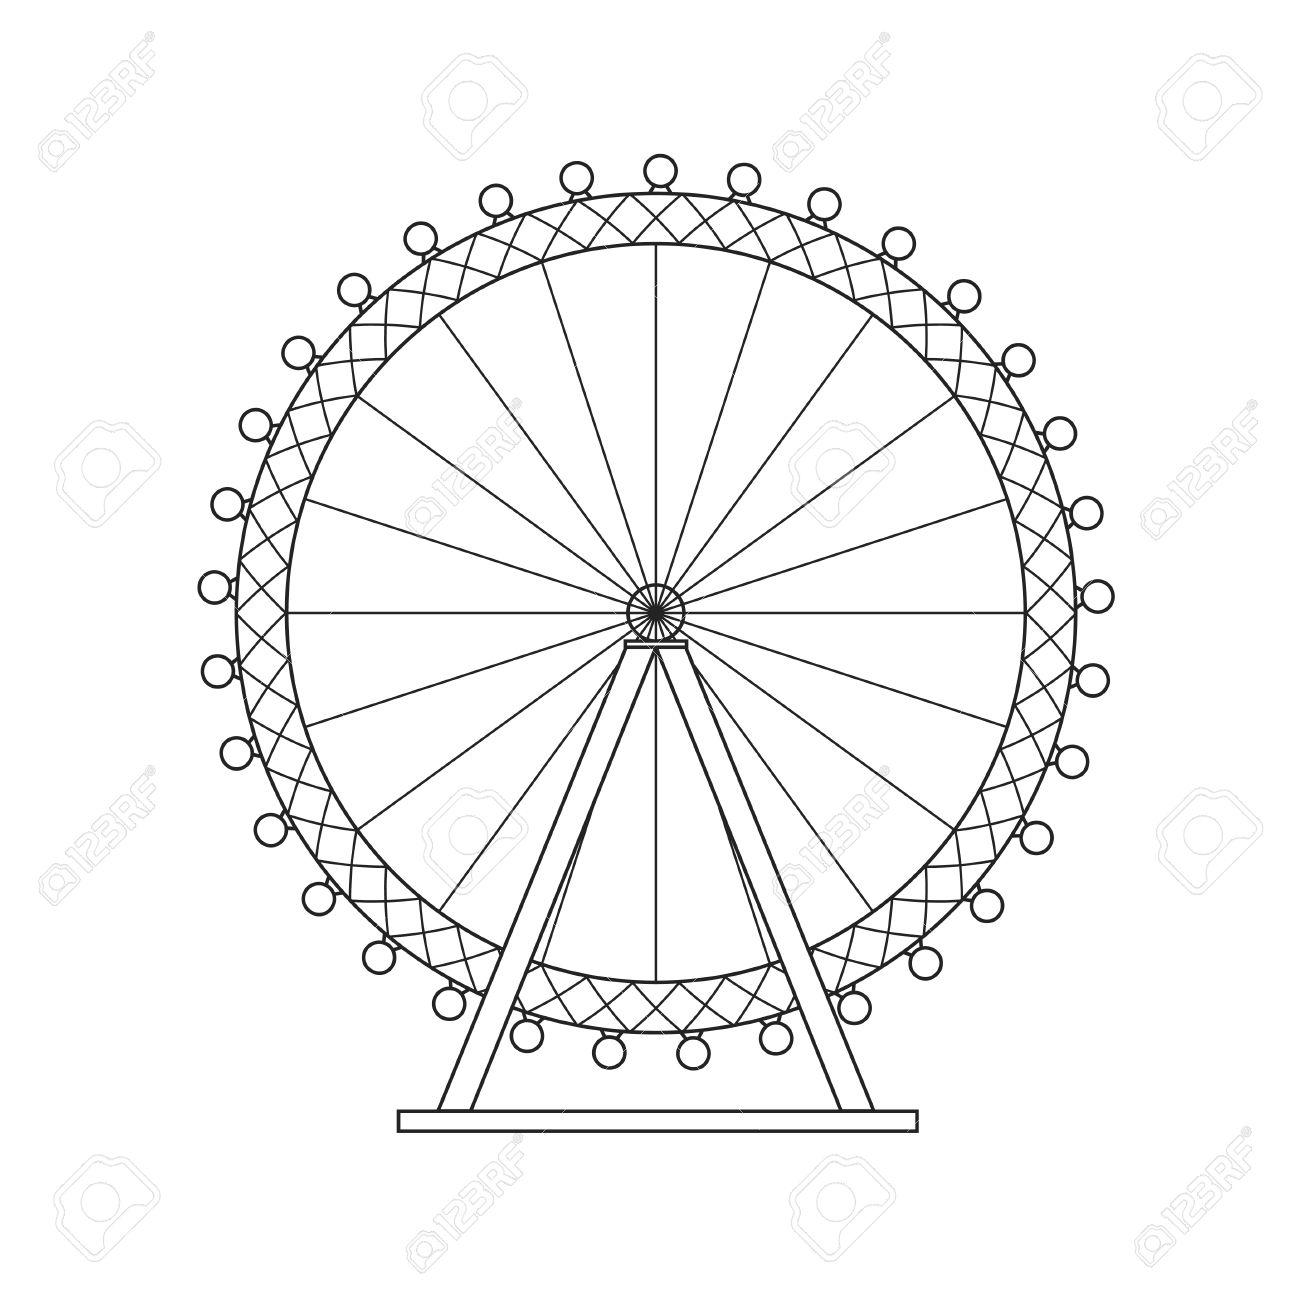 Simple Ferris Wheel Drawing At Getdrawings